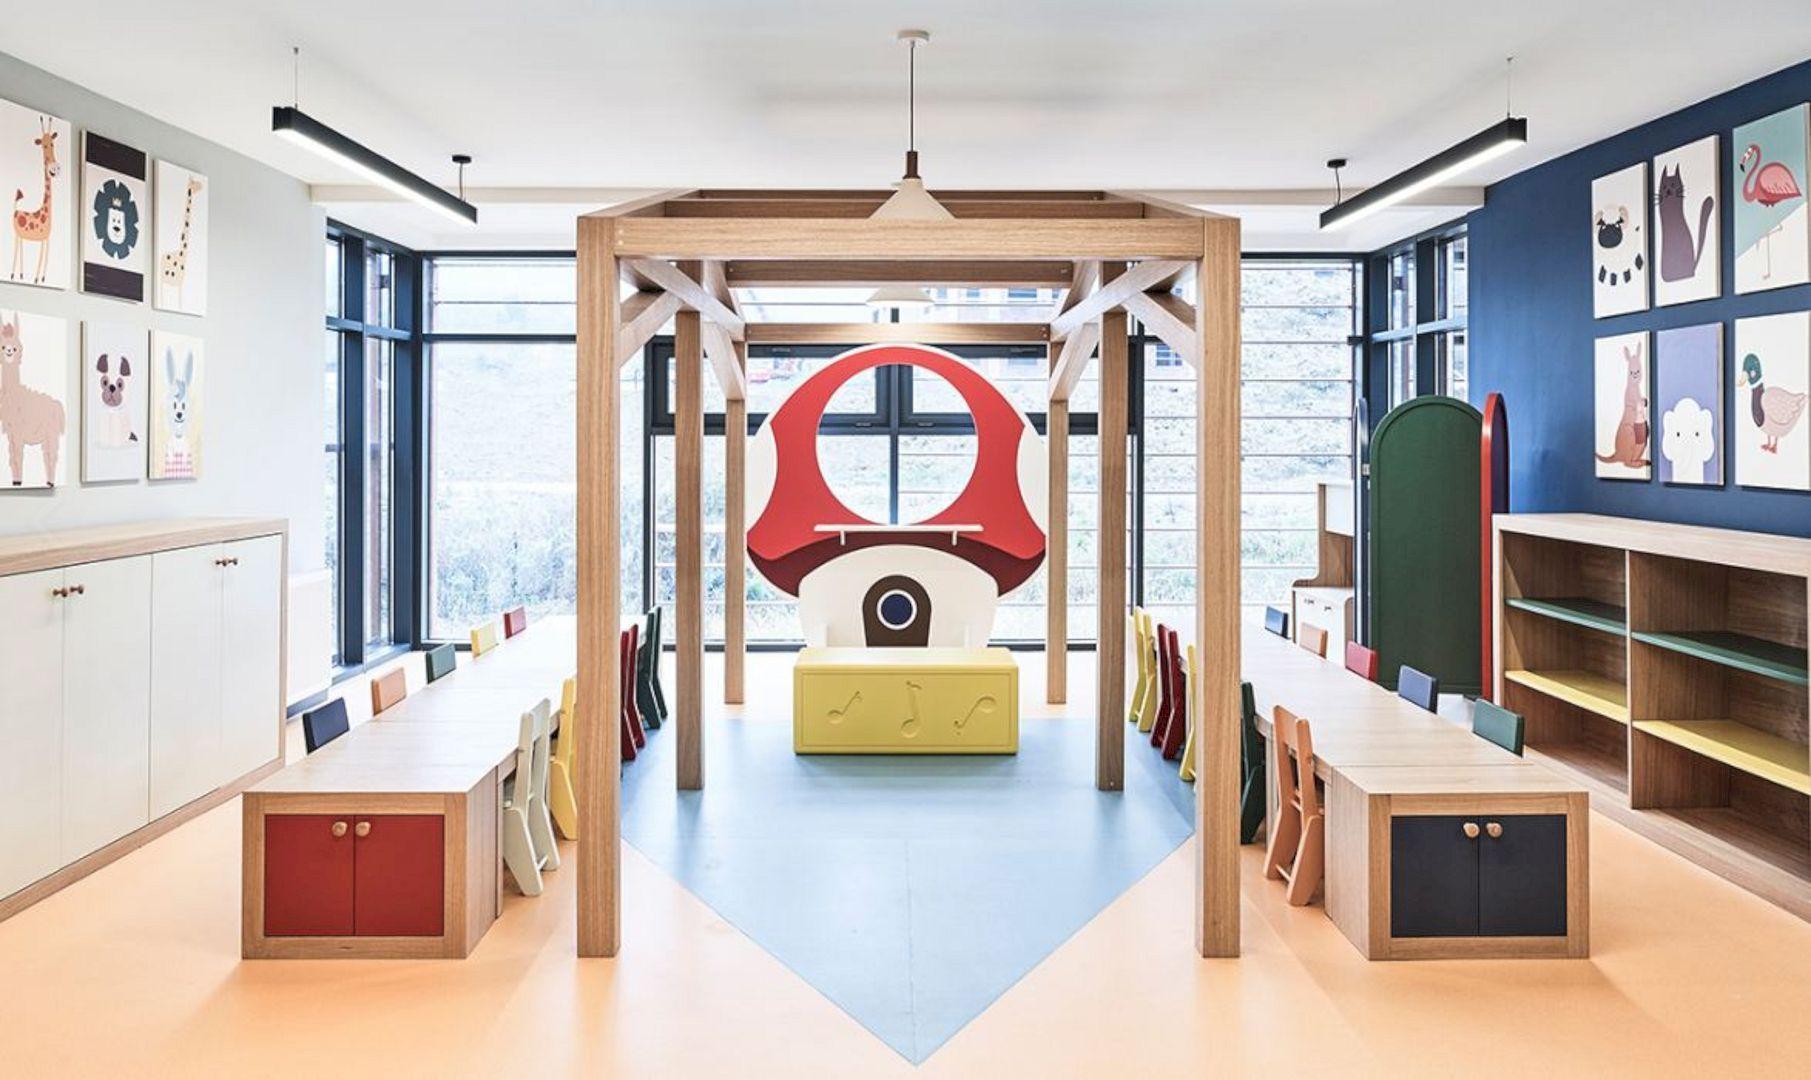 Ordu University Nursery Modern Interior Of Preschool Children Development Spaces Modern Interior Nursery Modern Interior